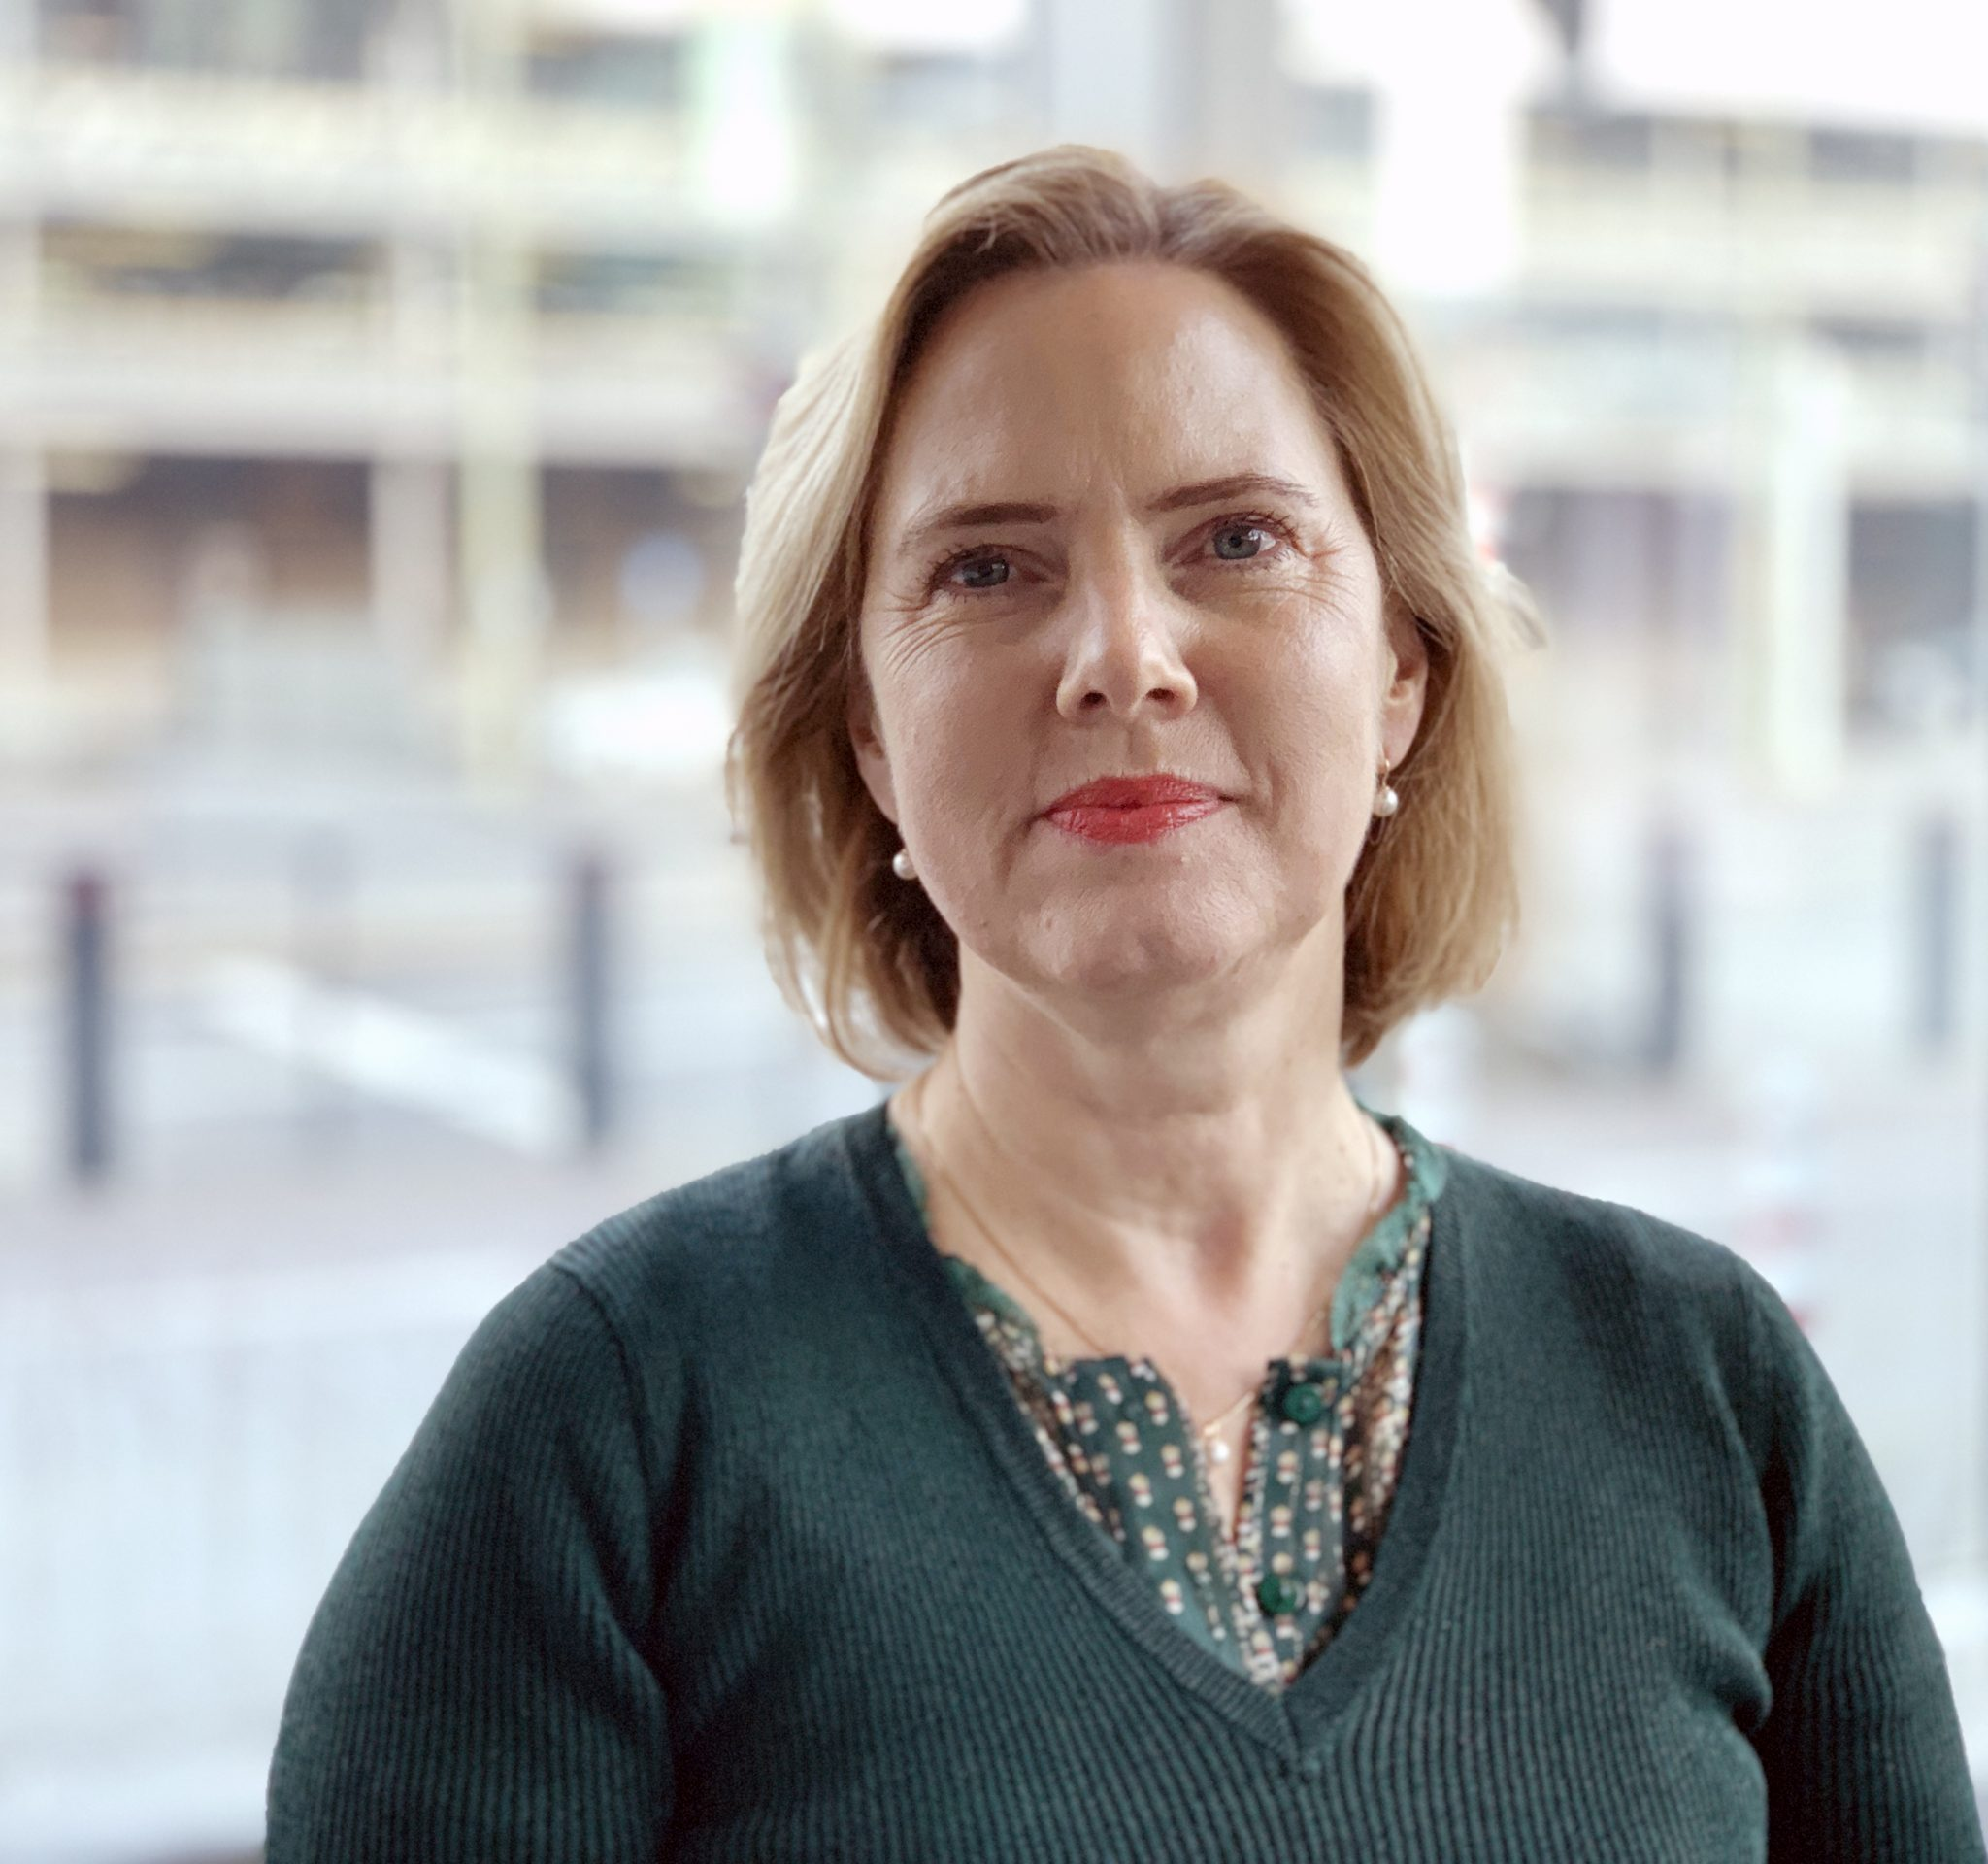 Cora van Nieuwenhuizen gaat aan de slag als voorzitter bij Vereniging Energie-Nederland. (Foto ministerie IenW)